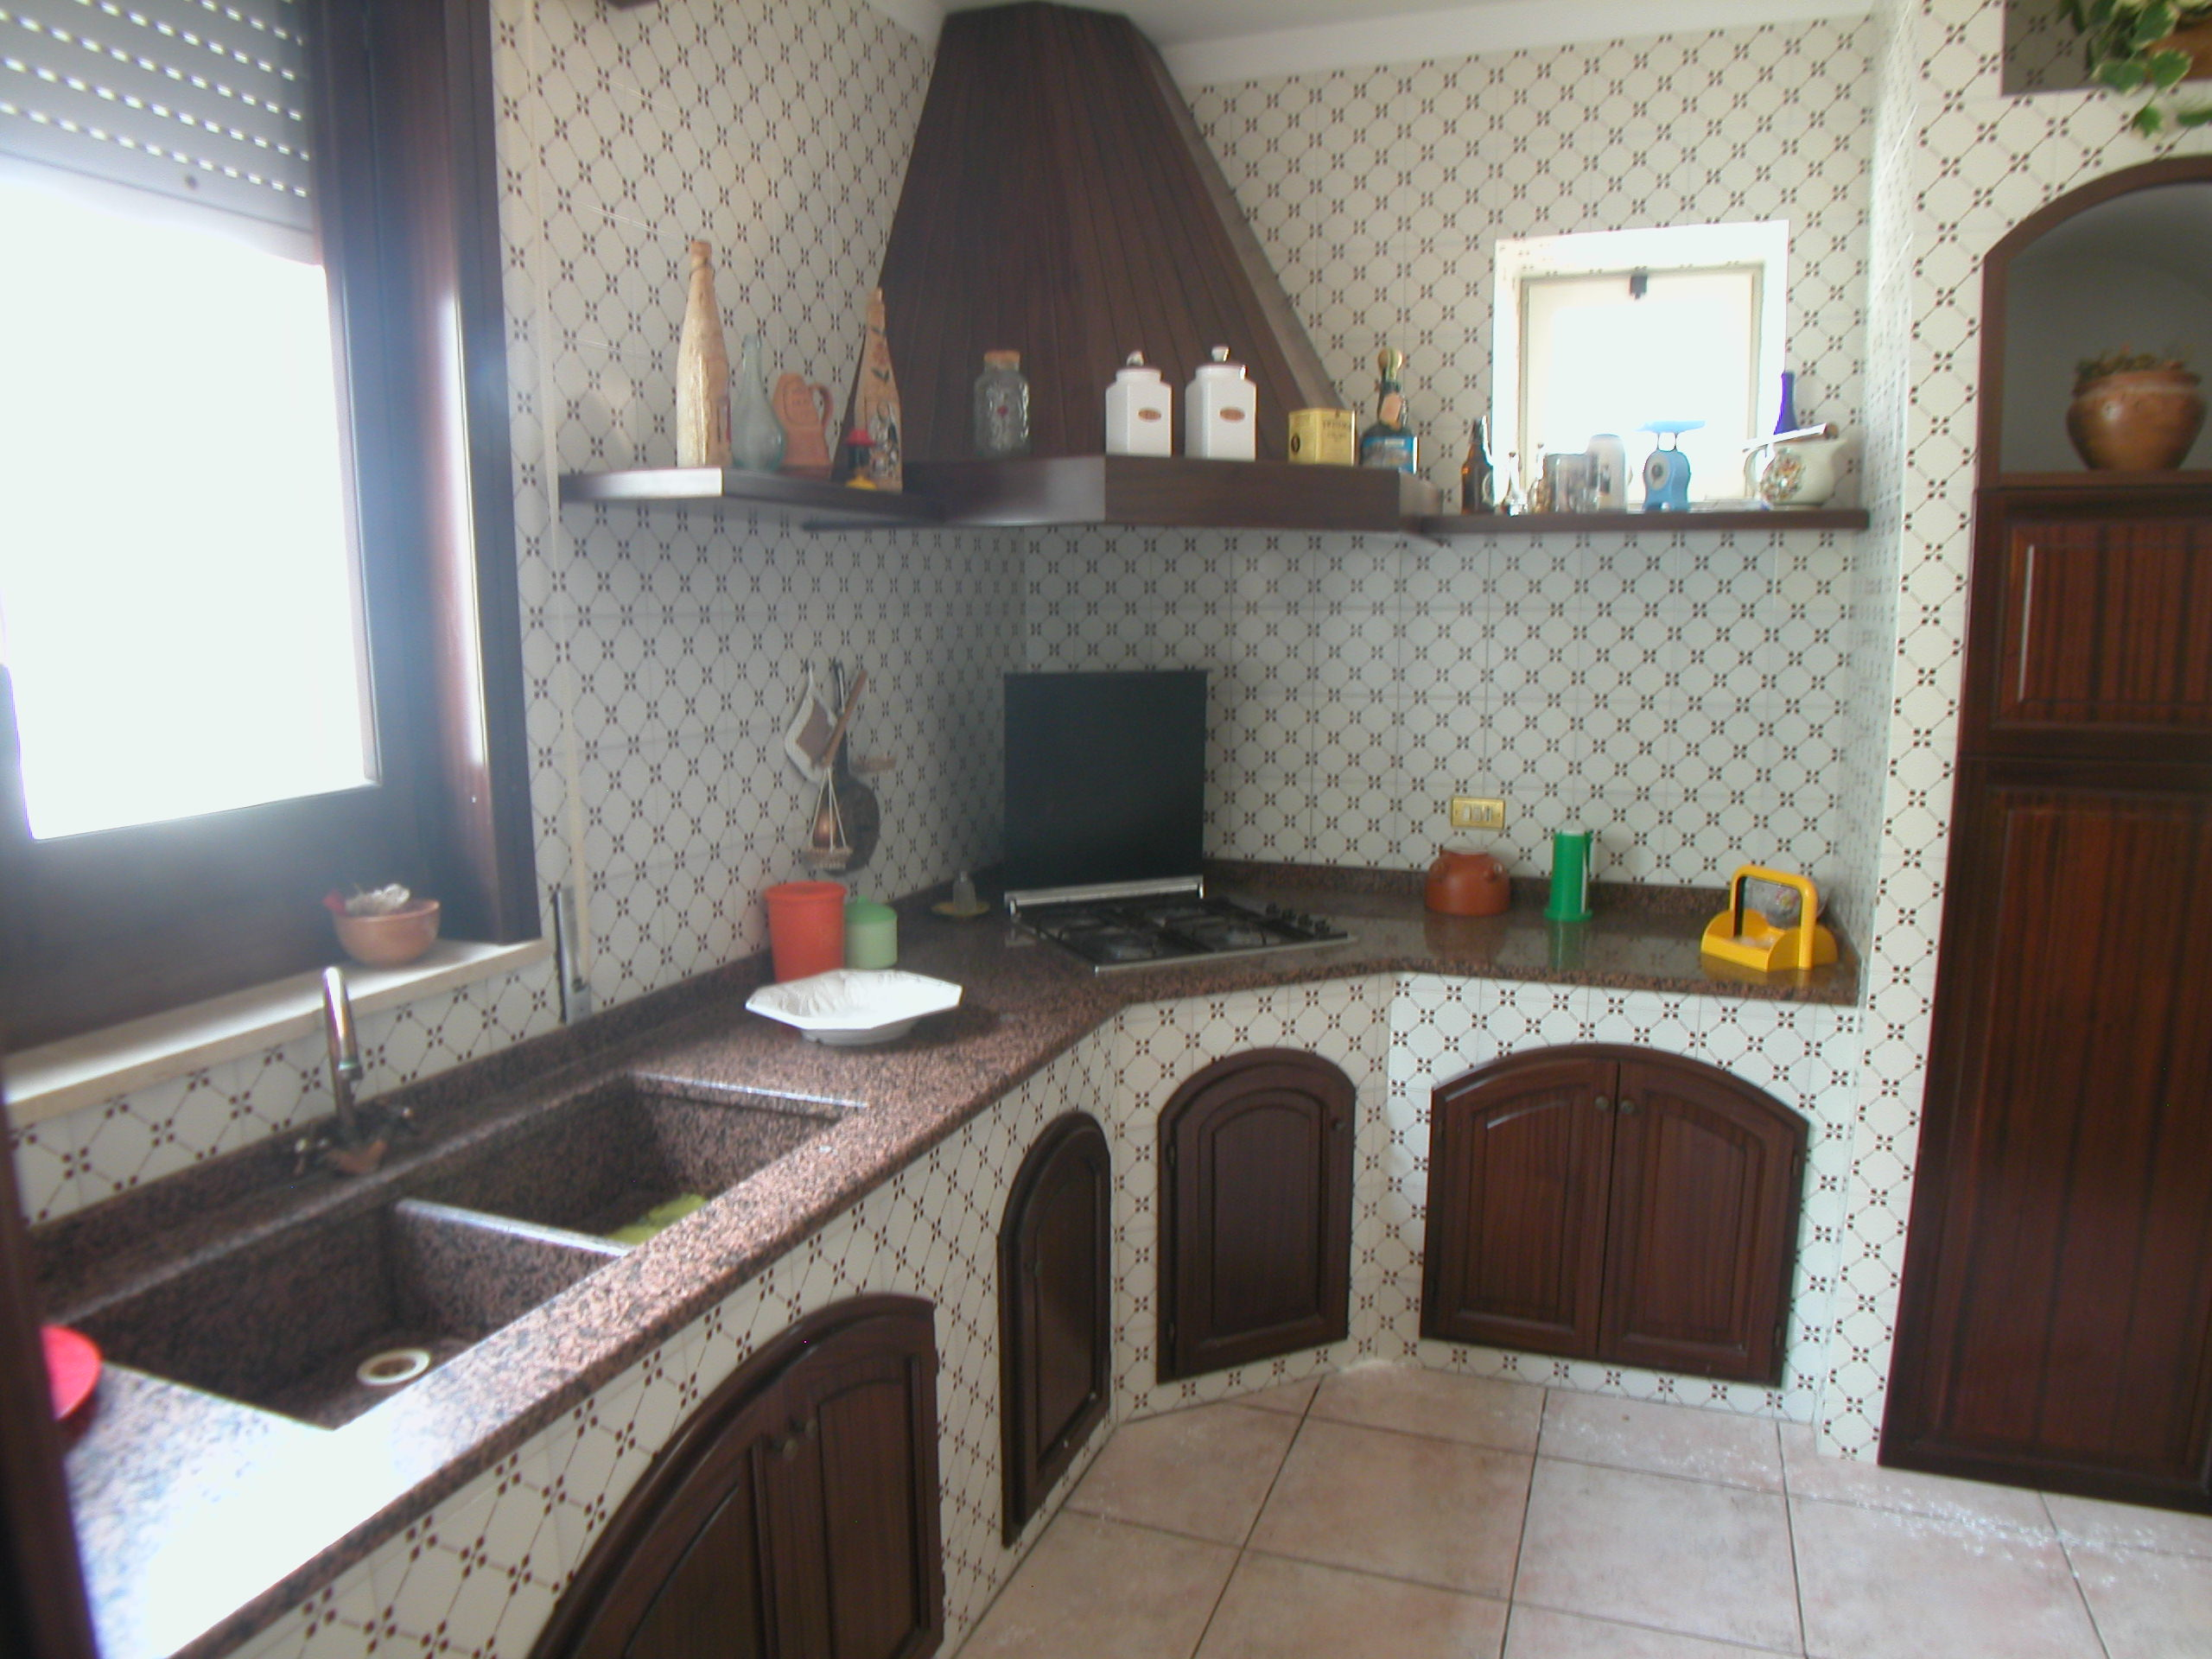 Laguna blu agenzia immobiliare marsala blog archive b14765 casa in vendita a petrosino - Cucine con camino ...